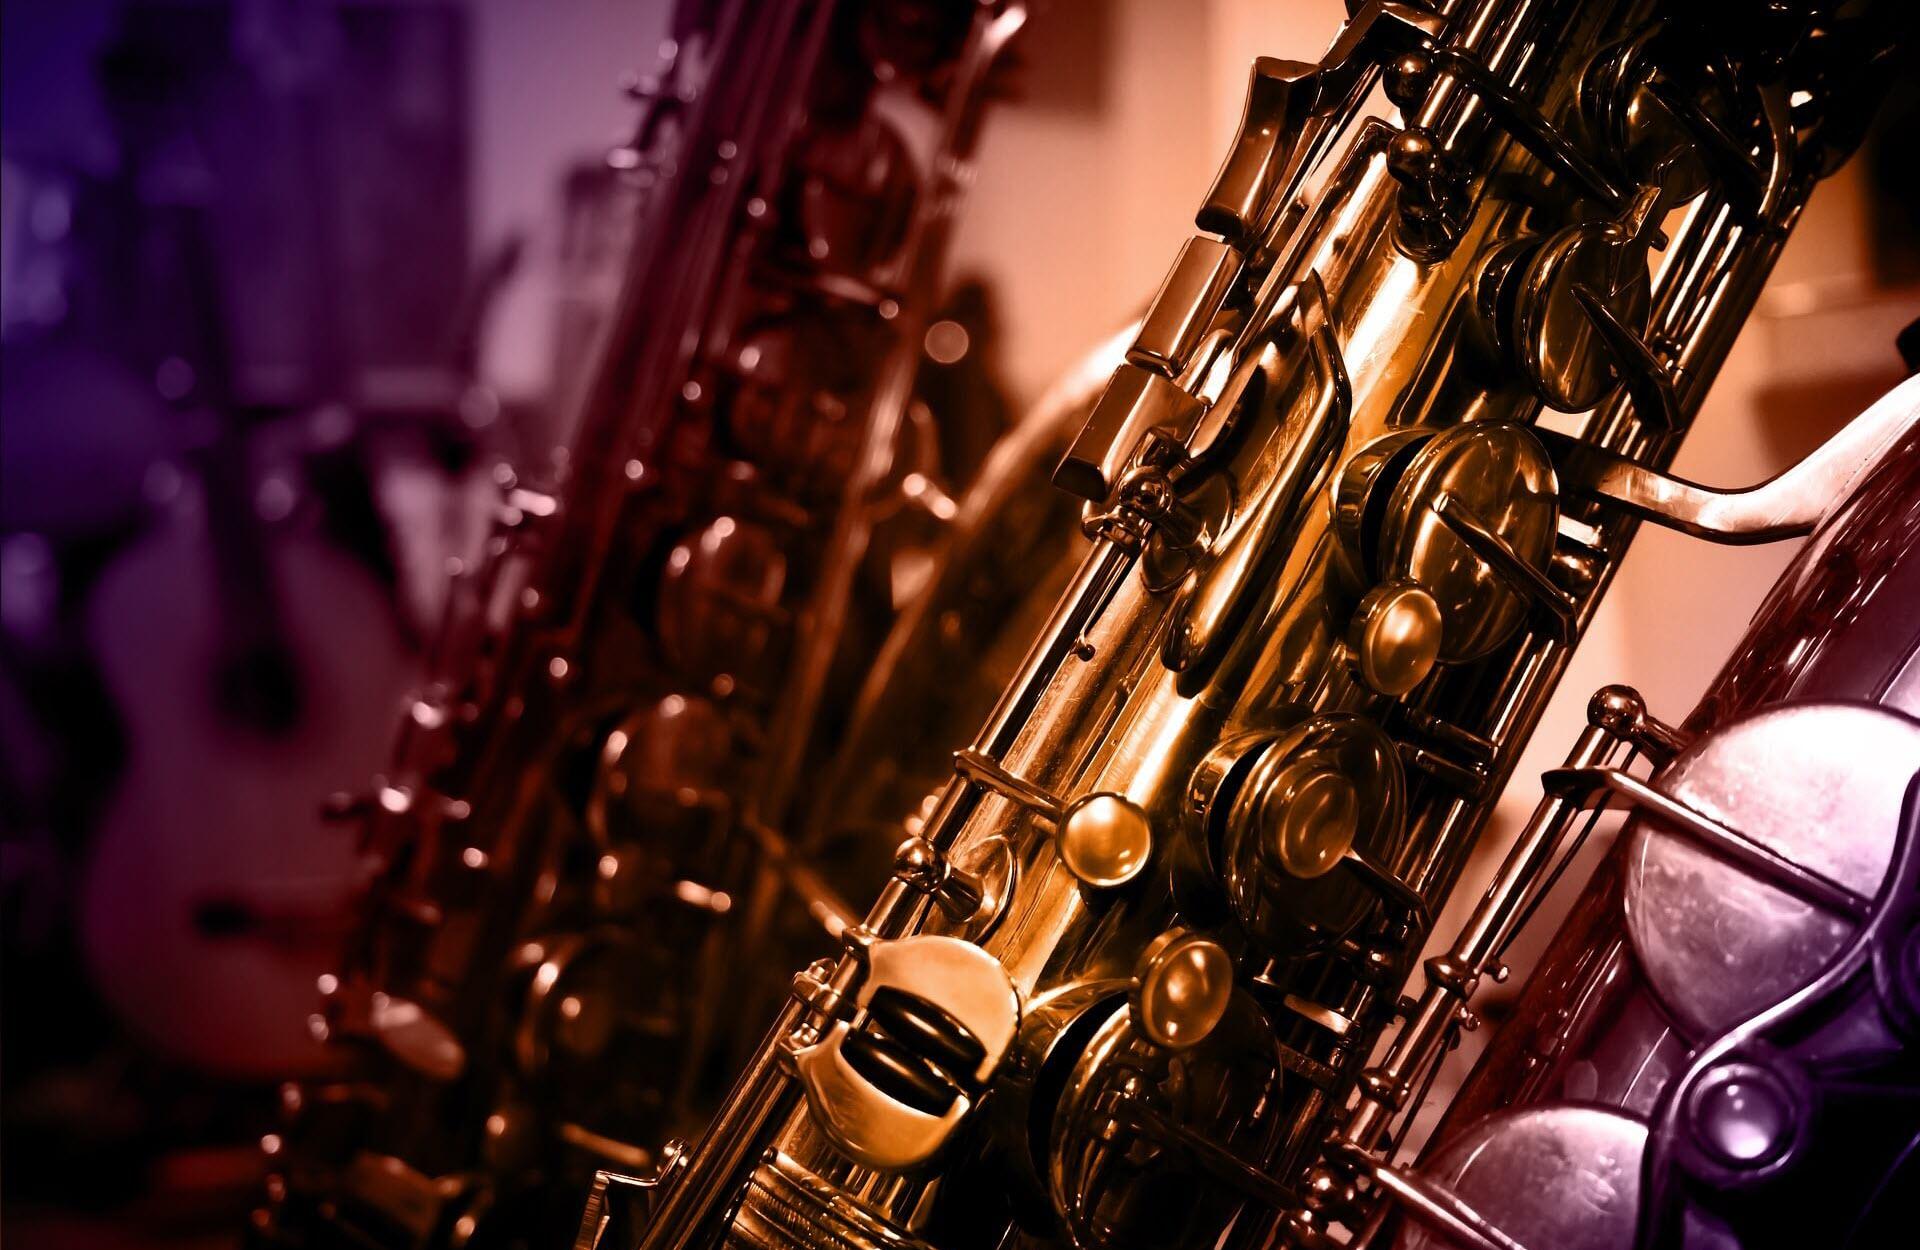 Sábados Musicales - Aula de improvisación musical